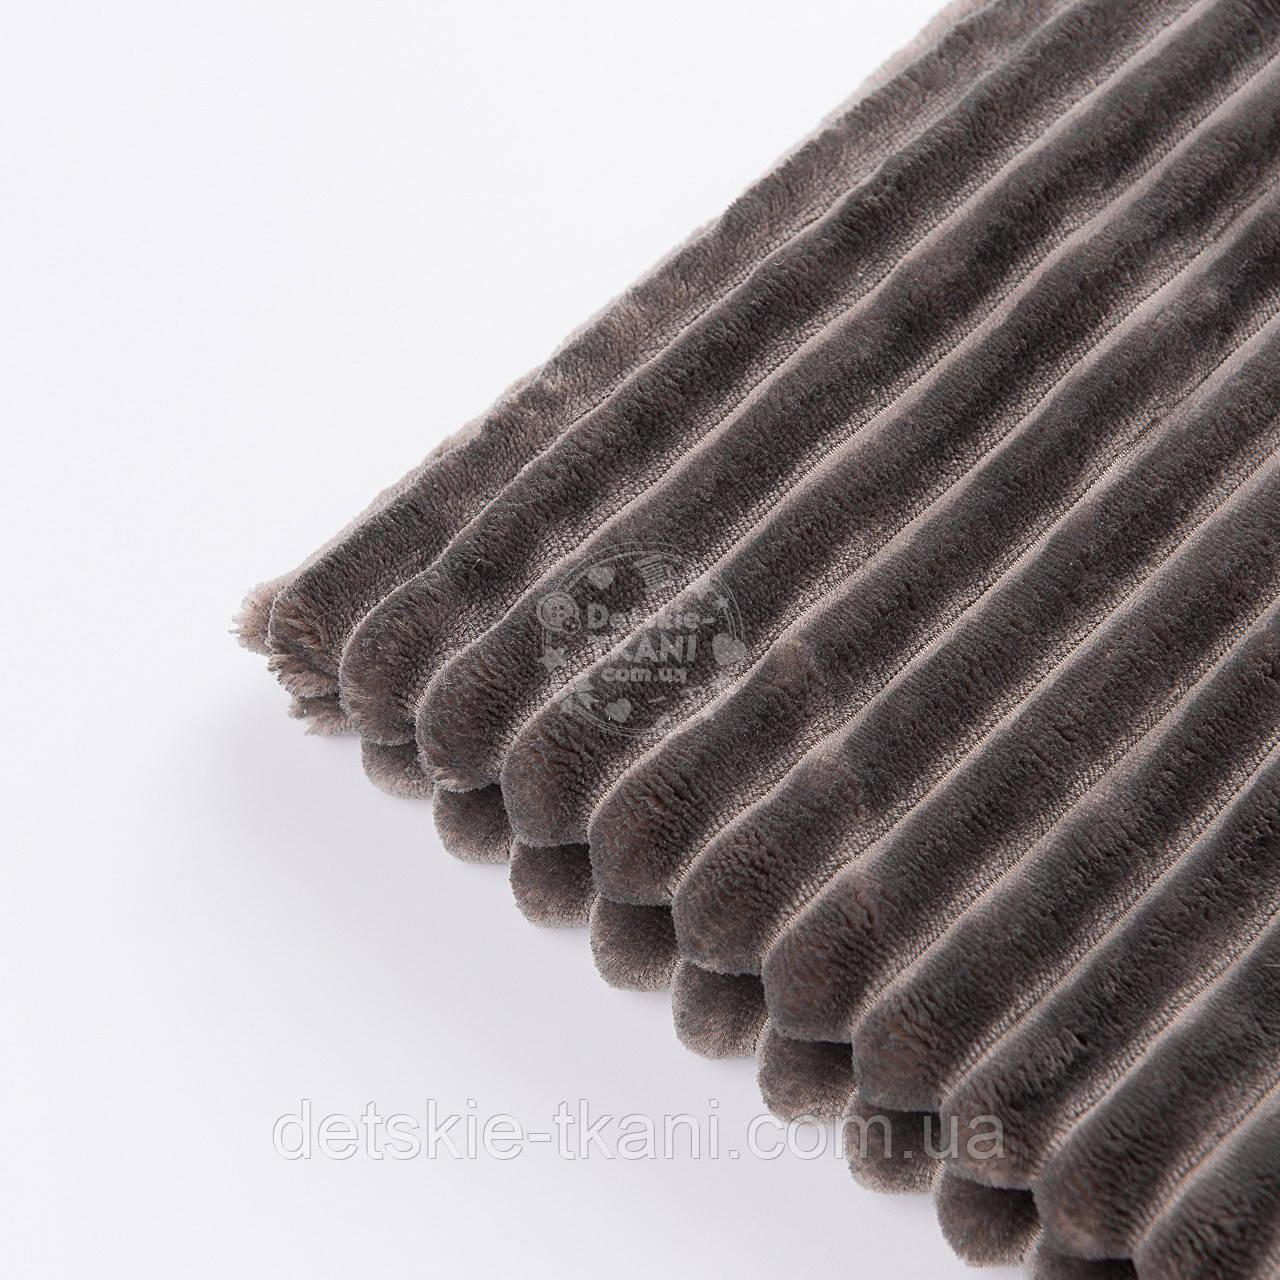 Два лоскута плюша в полоску Stripes пепельно-серого цвета 27*80, 43*80 см